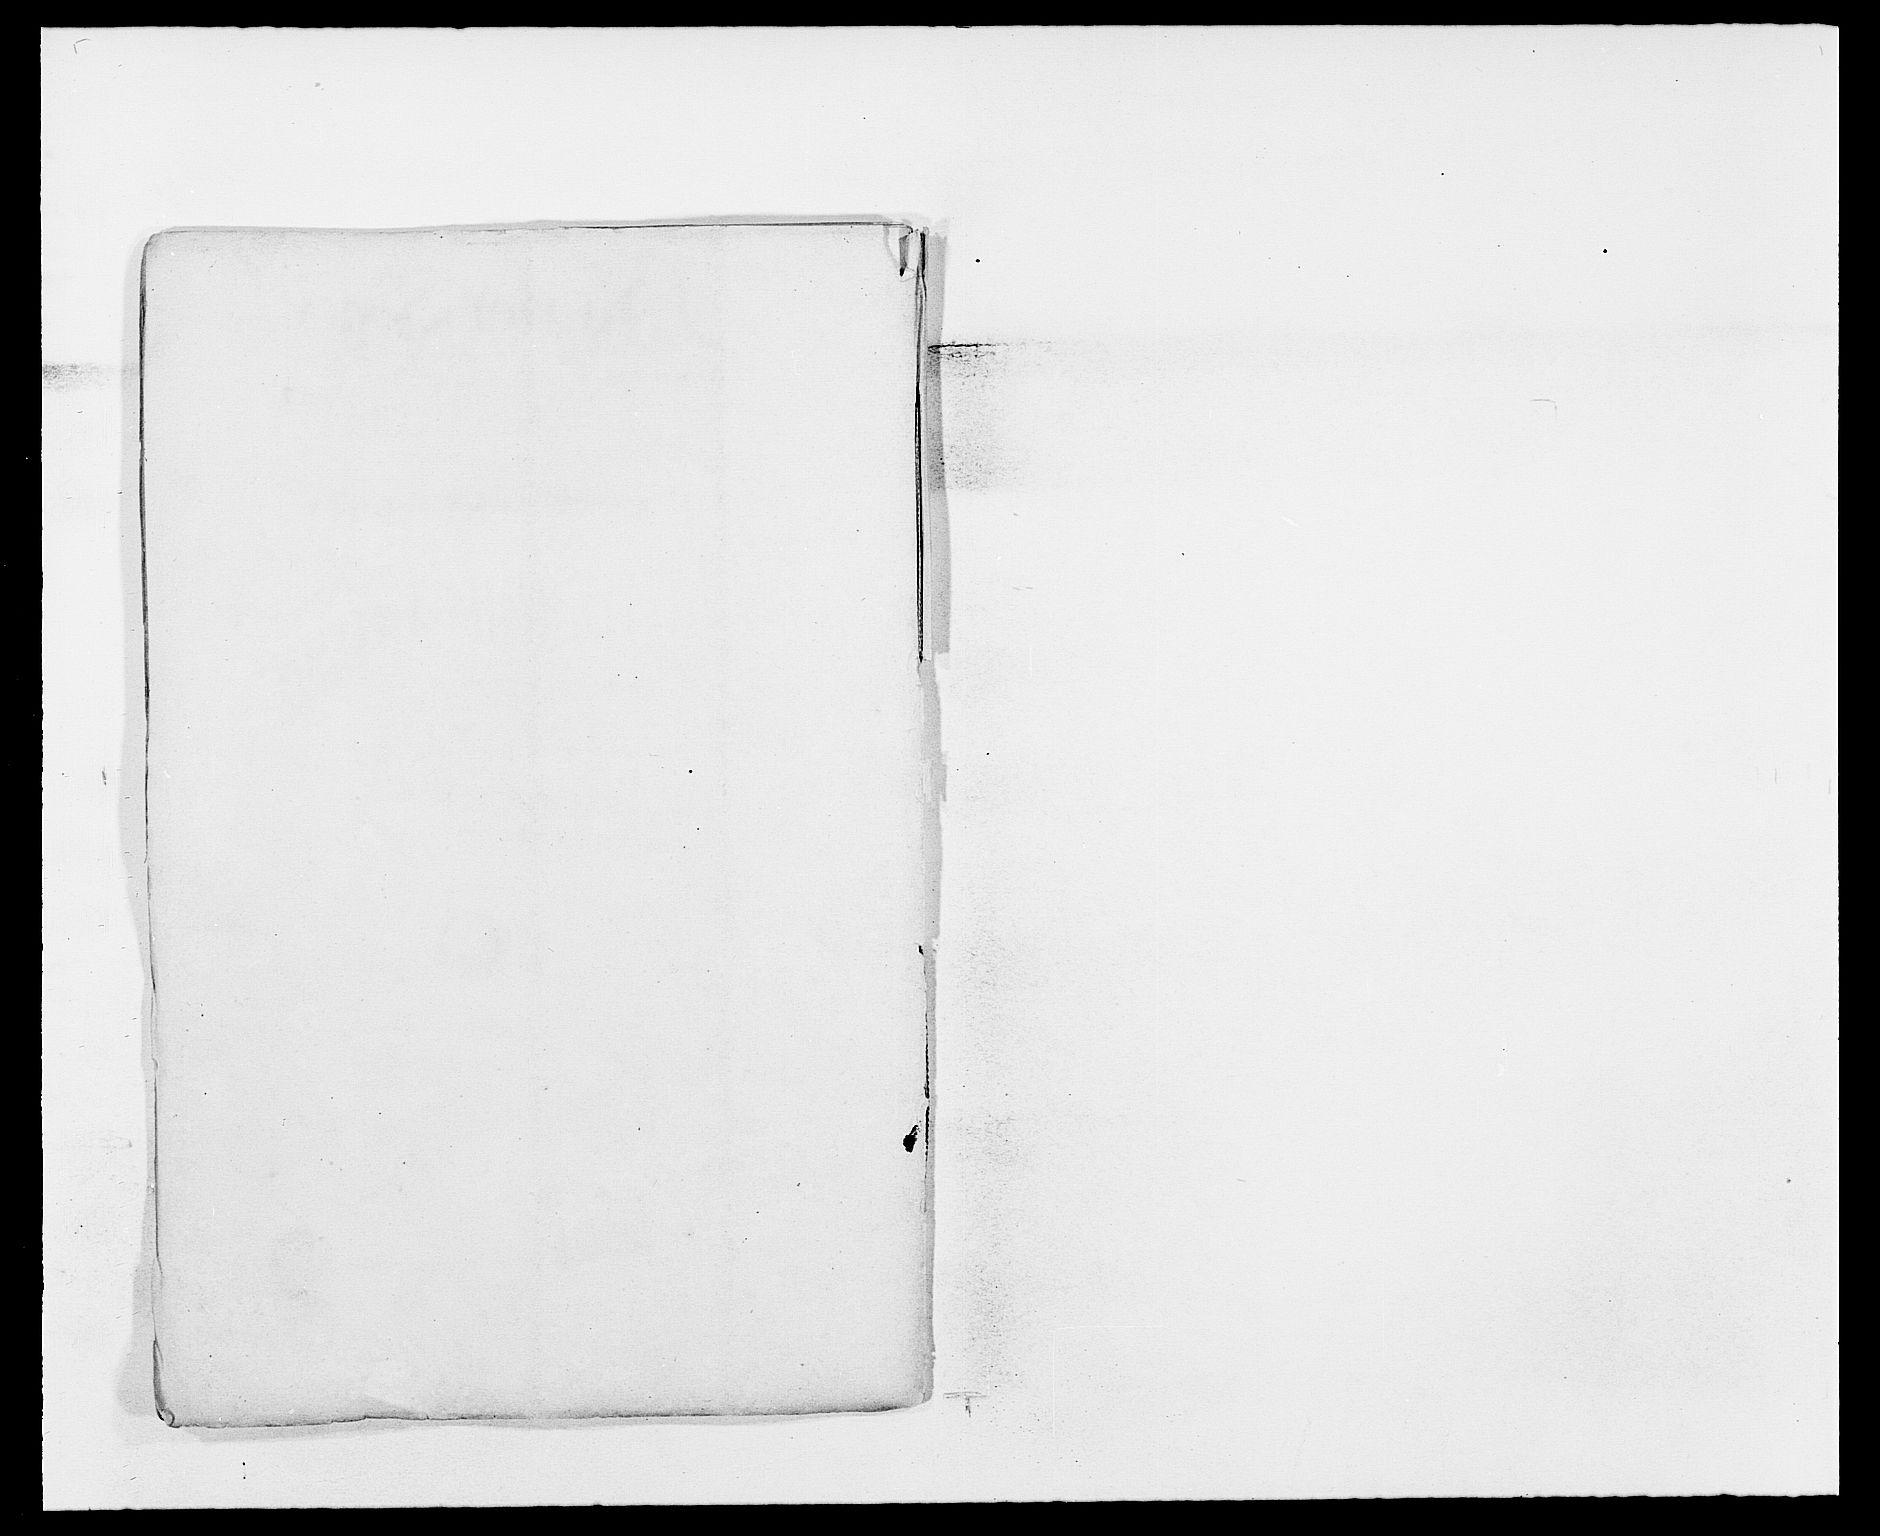 RA, Rentekammeret inntil 1814, Reviderte regnskaper, Fogderegnskap, R03/L0109: Fogderegnskap Onsøy, Tune, Veme og Åbygge fogderi, 1678, s. 147